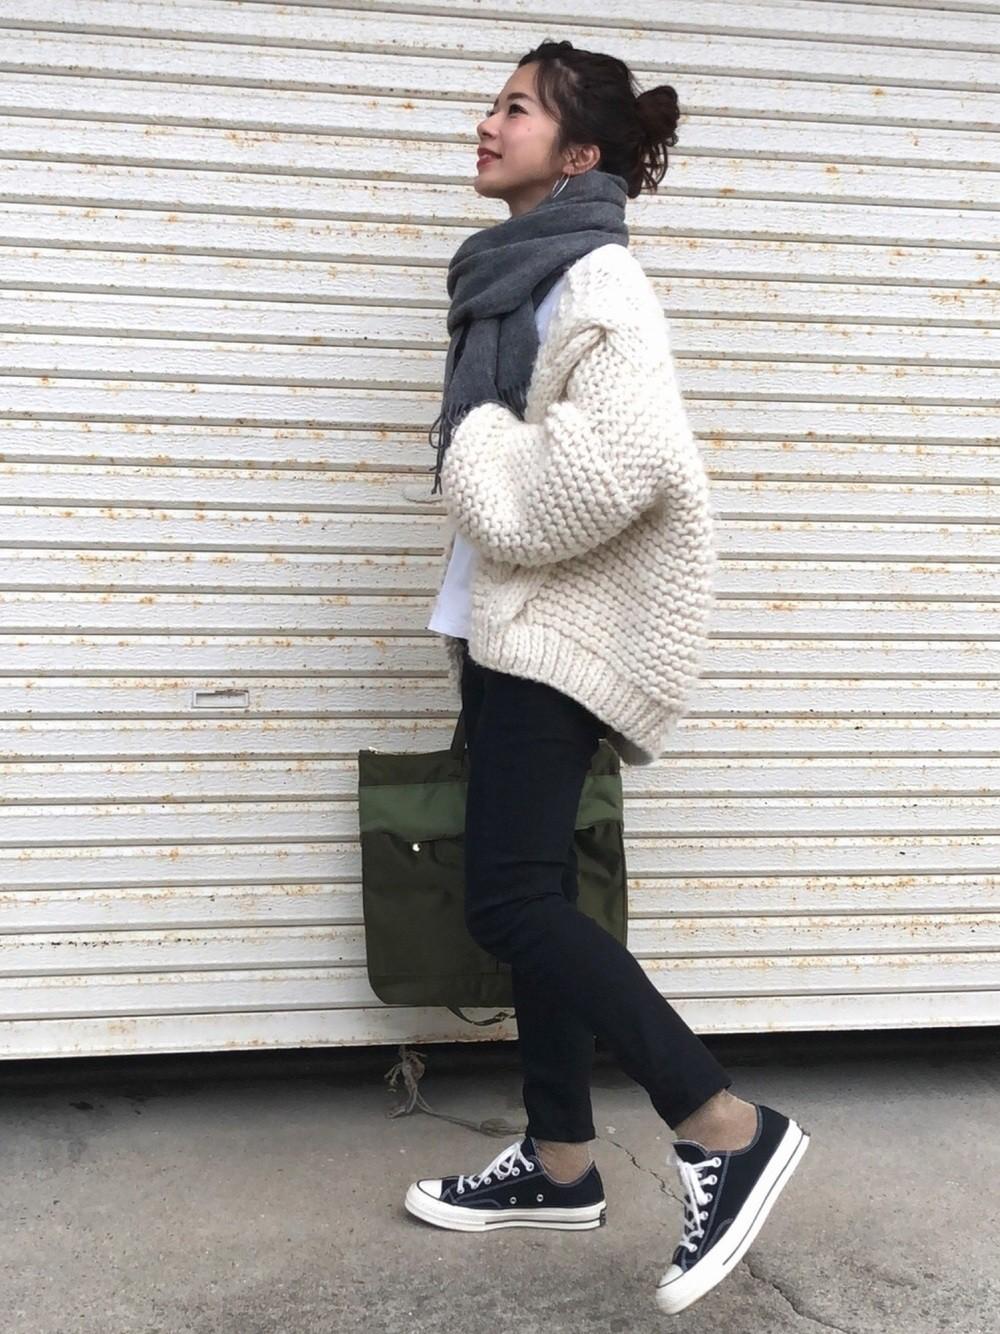 Tất tài không chỉ ấm và trendy mà còn dễ mix với đủ loại giày - Ảnh 10.